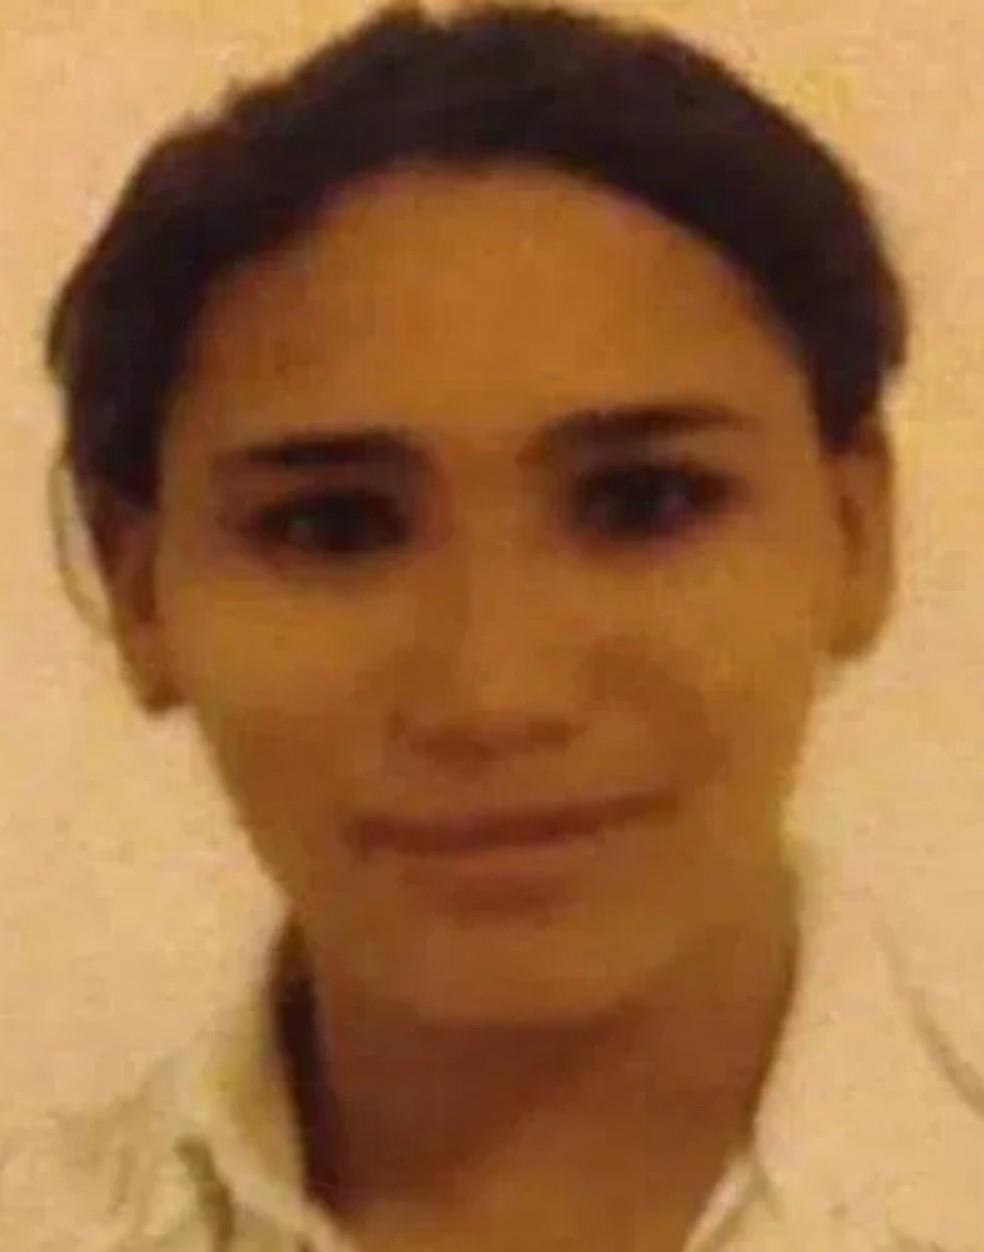 Mulher trans, identificada como Fabiana Silva, foi morta a golpes de faca em Santa Cruz do Capibaribe — Foto: Ney Lima/Reprodução